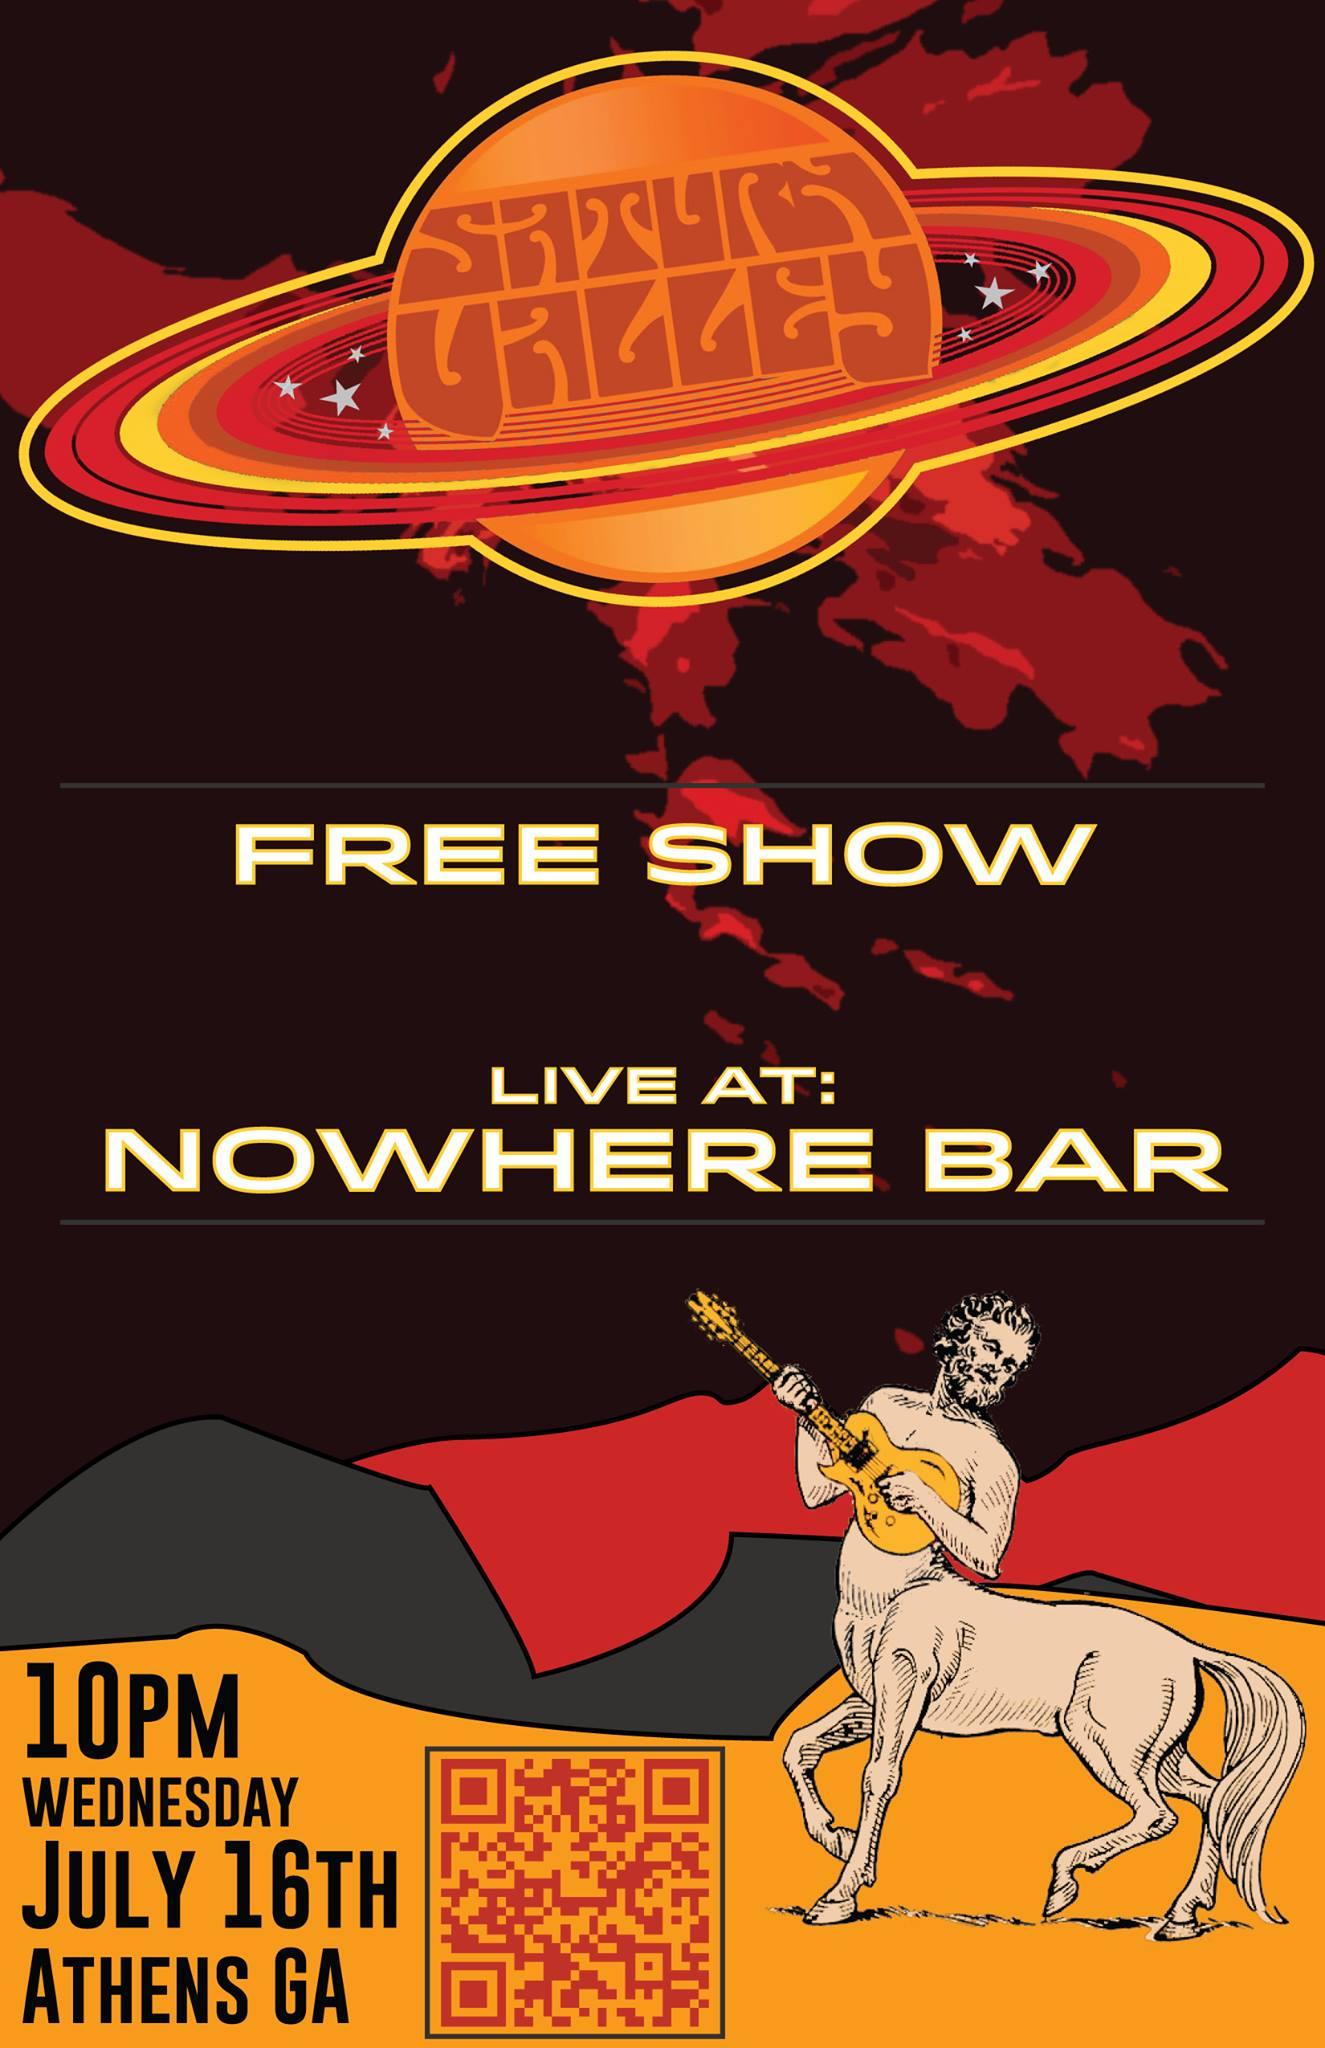 Nowhere Bar 3.jpg